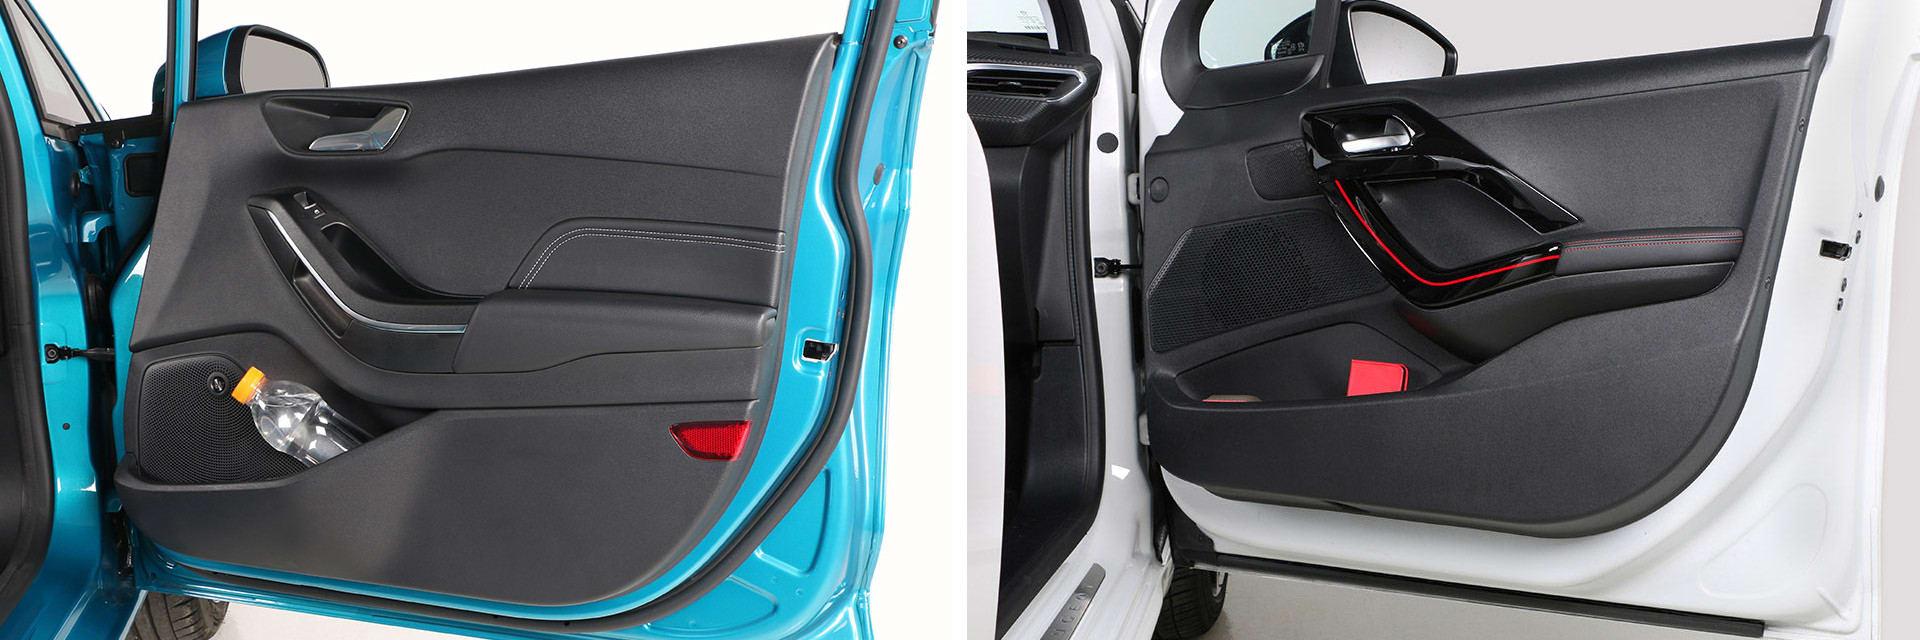 Los materiales que cubren el interior de la puerta del Peugeot 208 (derecha) son de peor calidad que los del Ford Fiesta (izquierda).